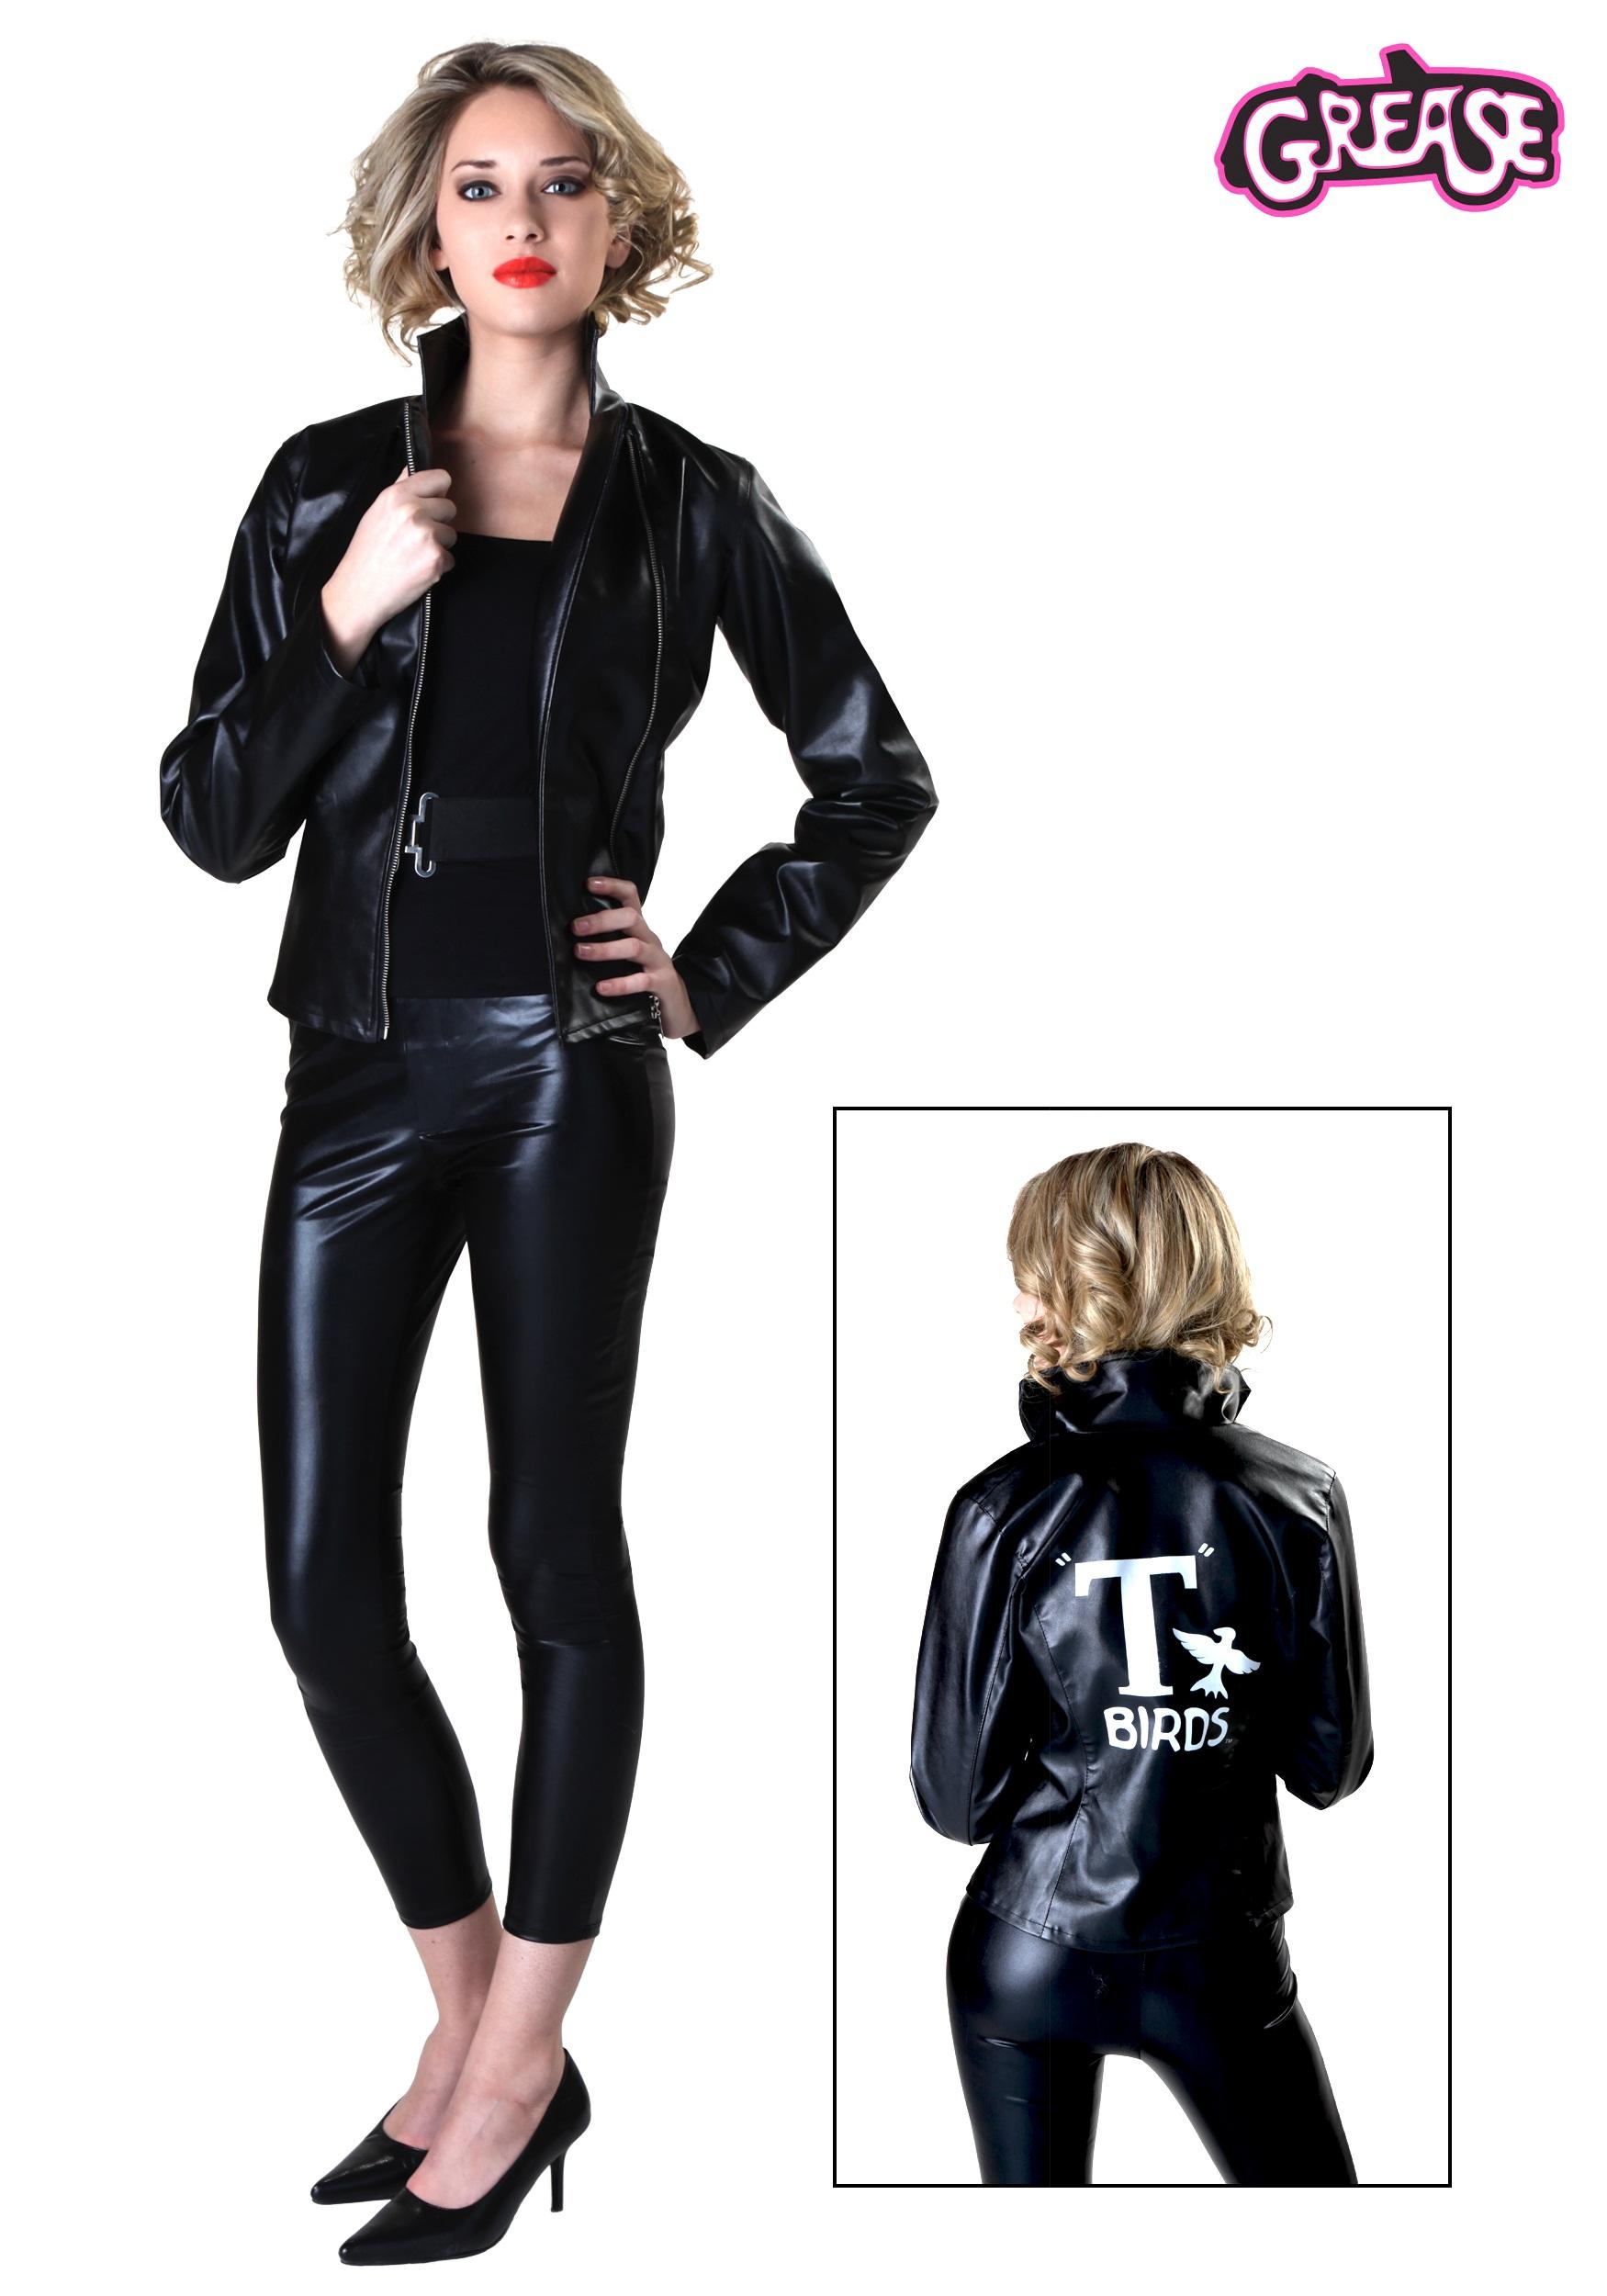 Women\u0027s Grease T,Birds Jacket , Halloween Costumes